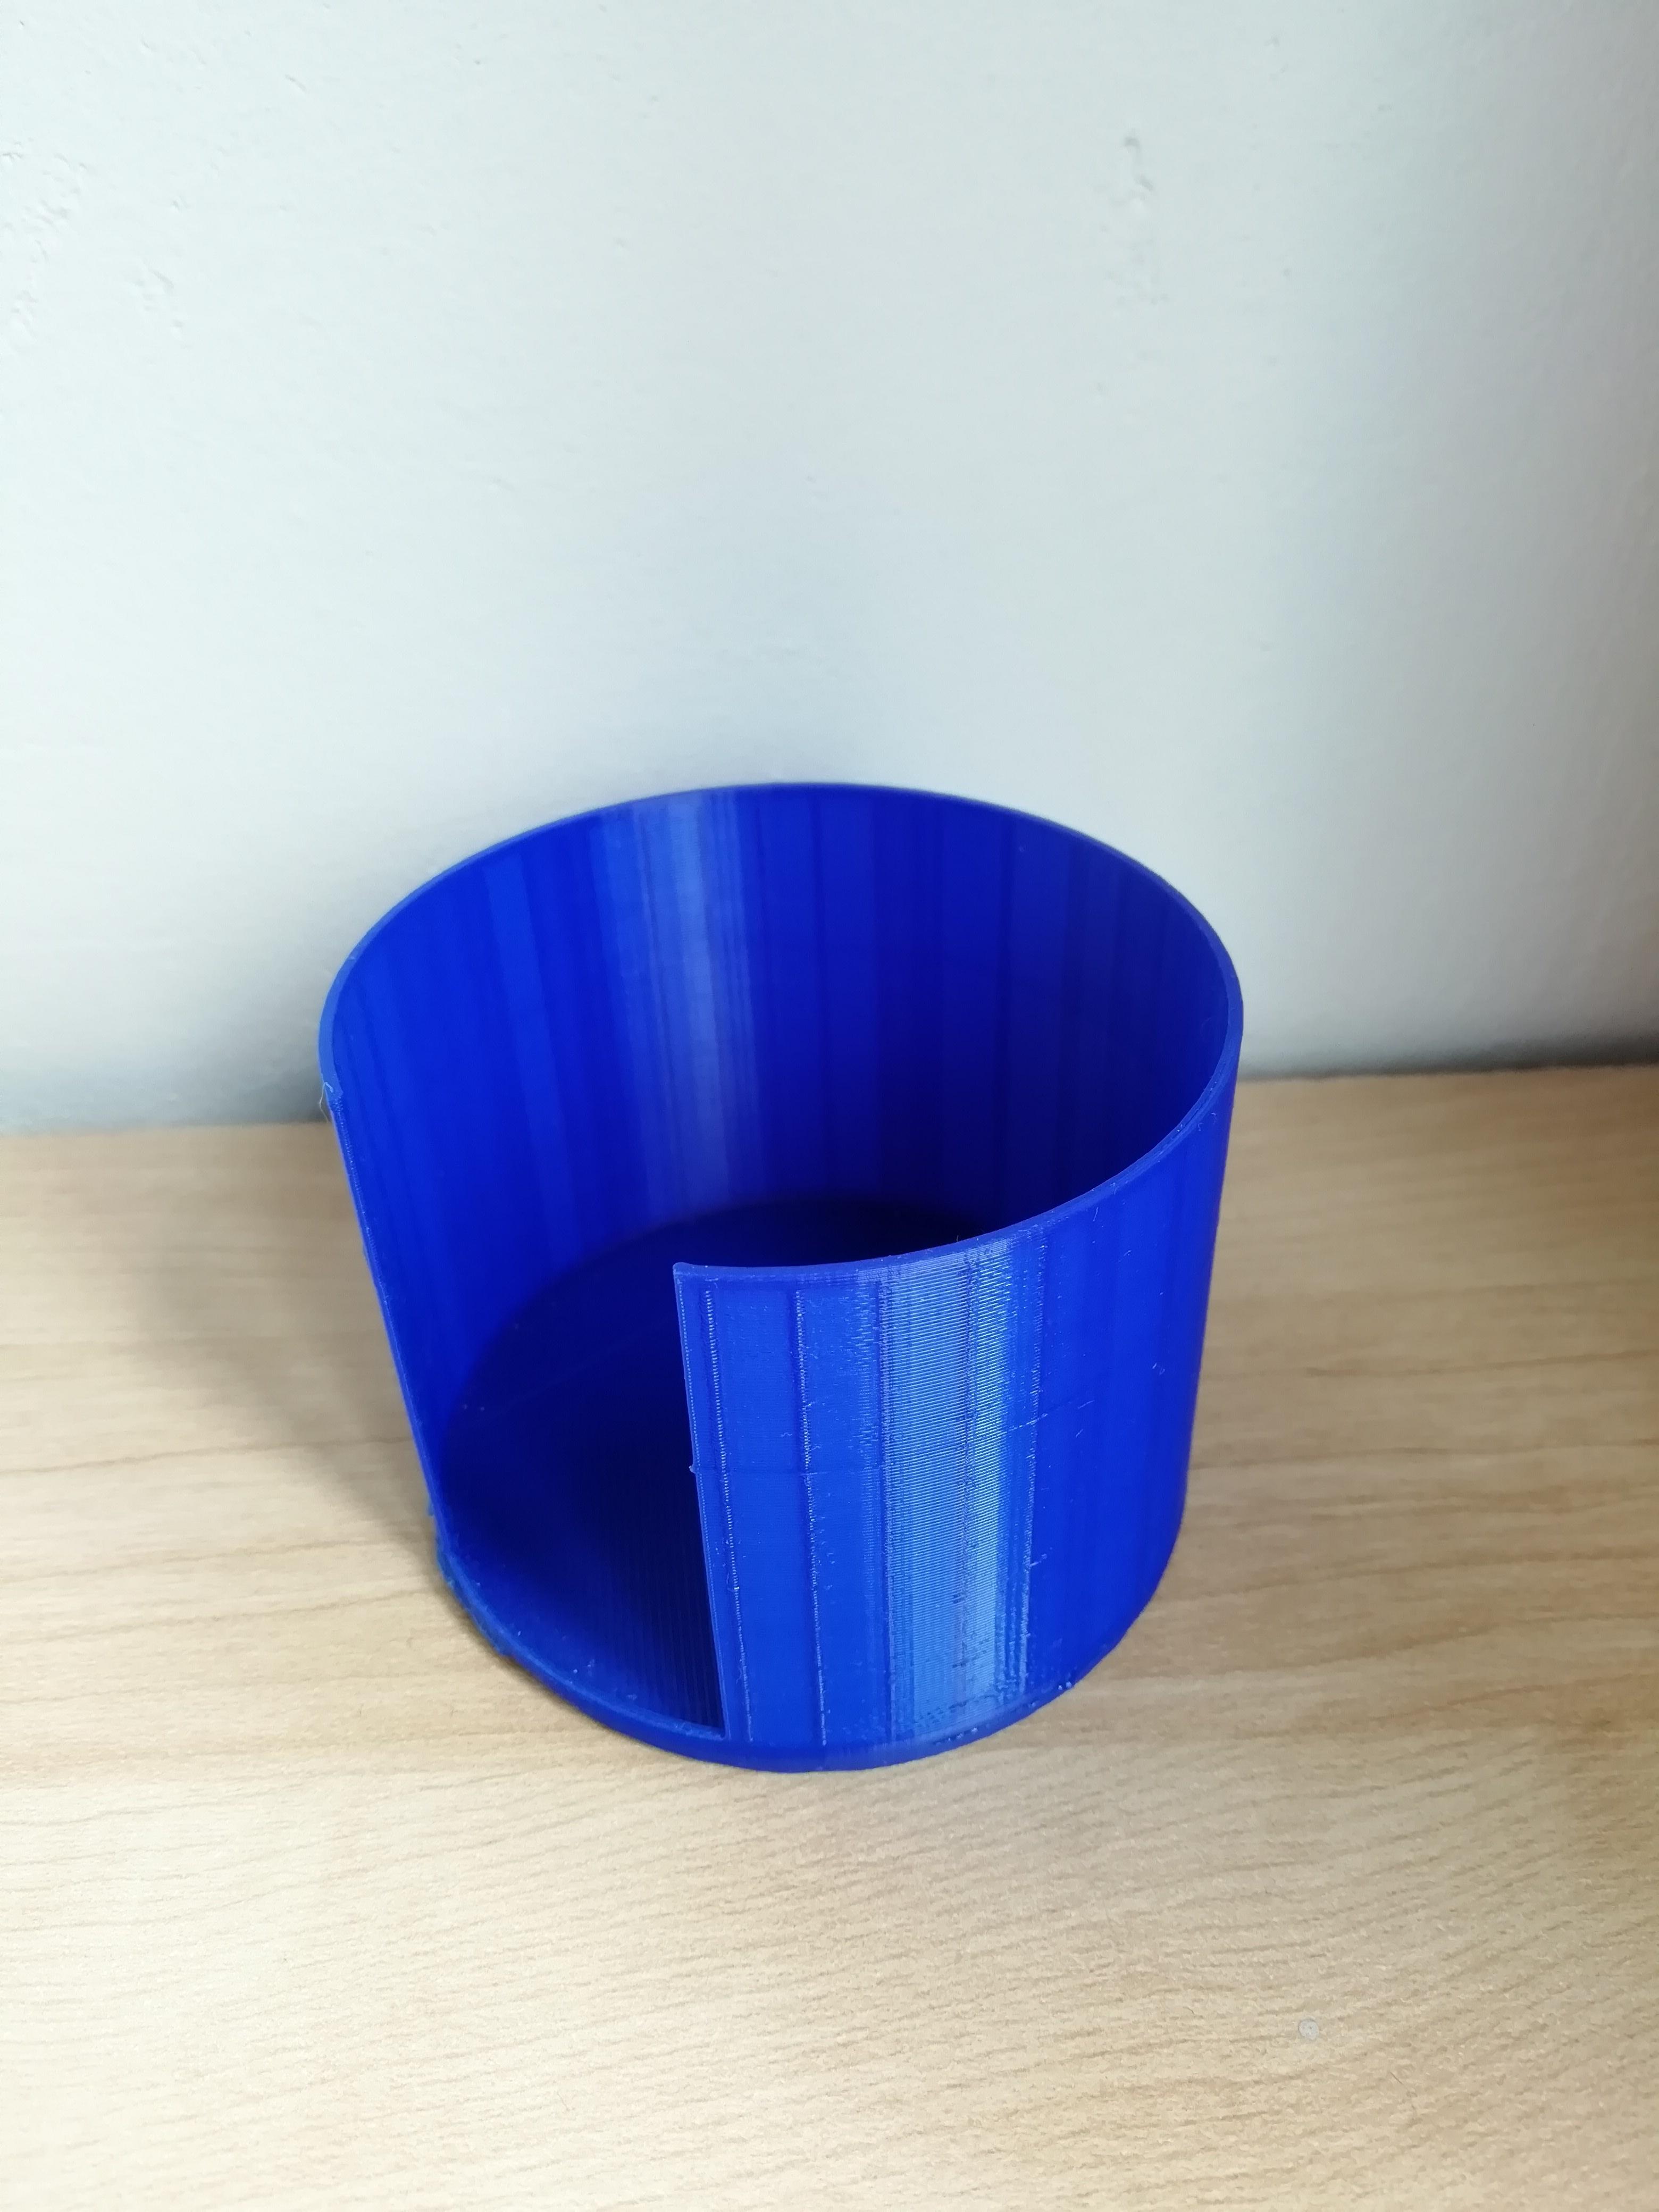 cotton pad holder_01.jpg Download STL file Cotton pad holder • 3D printing model, eAgent